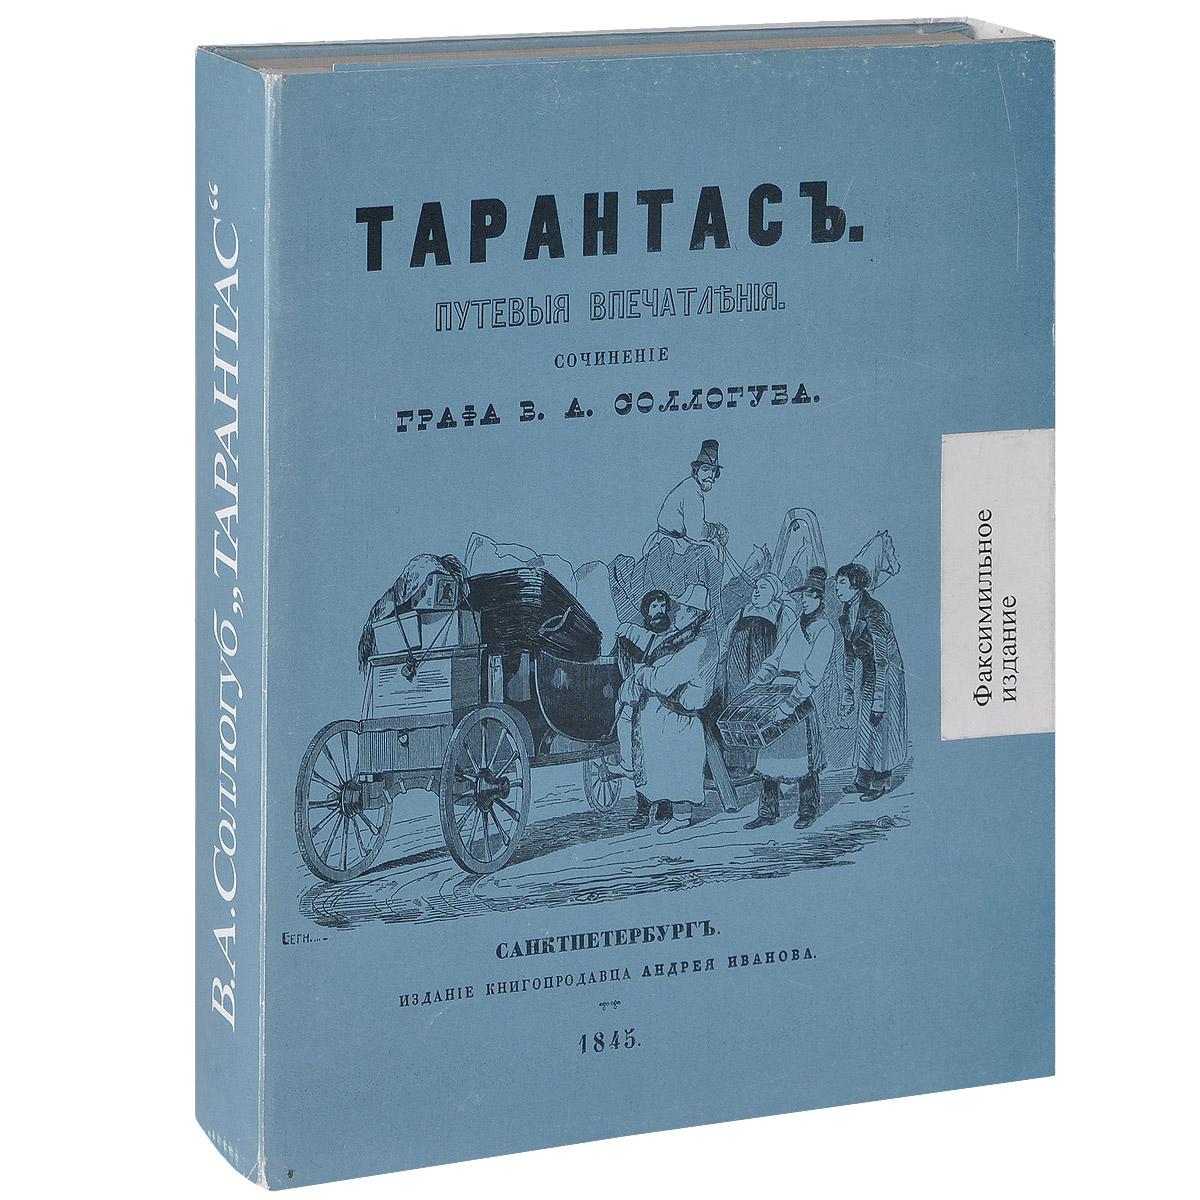 Тарантас. Владимир Соллогуб и его главная книга (комплект из 2 книг)